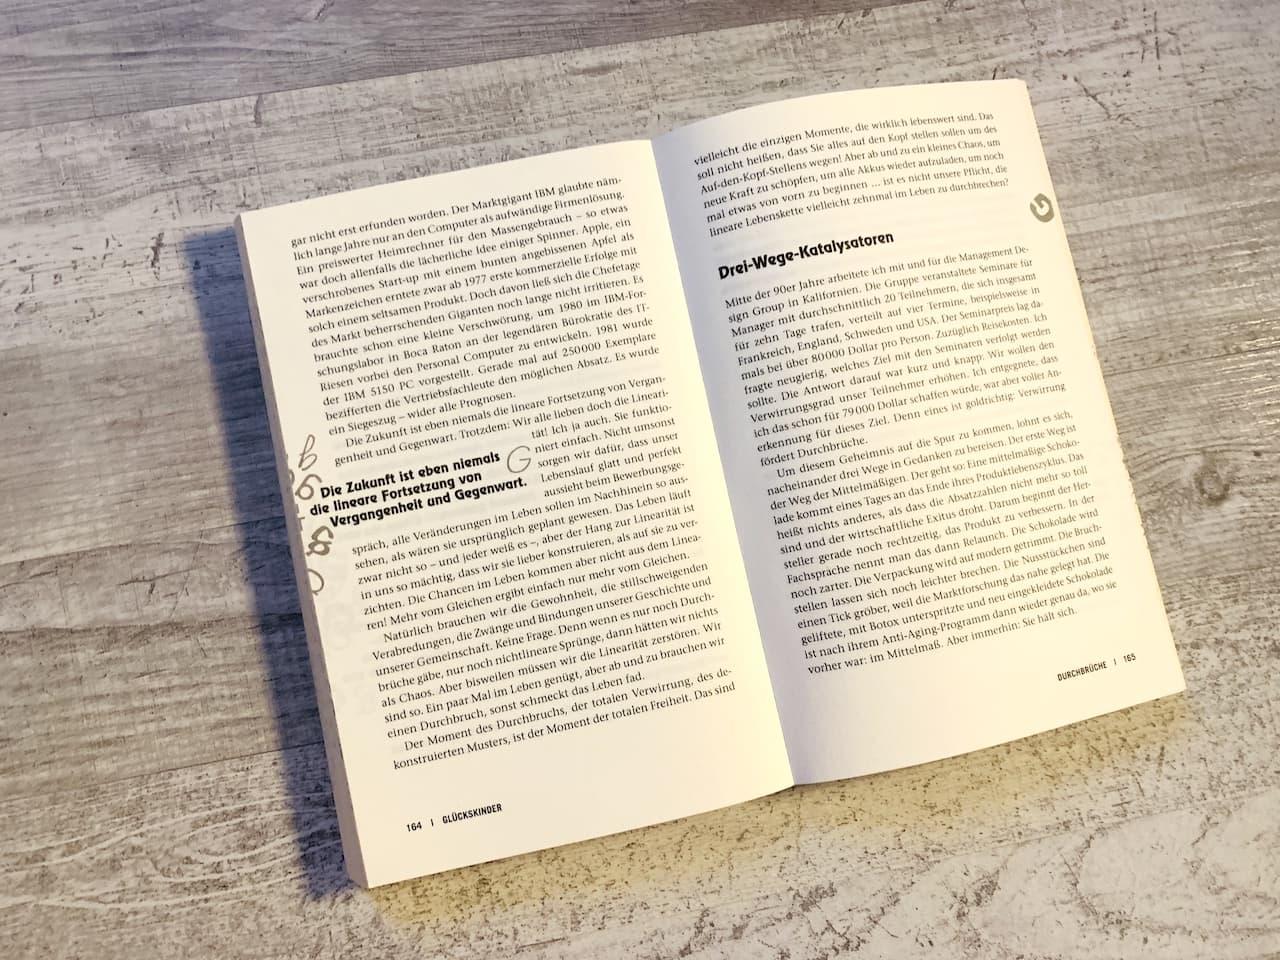 Glückskinder Hermannn Scherer Seite 164 bis 165